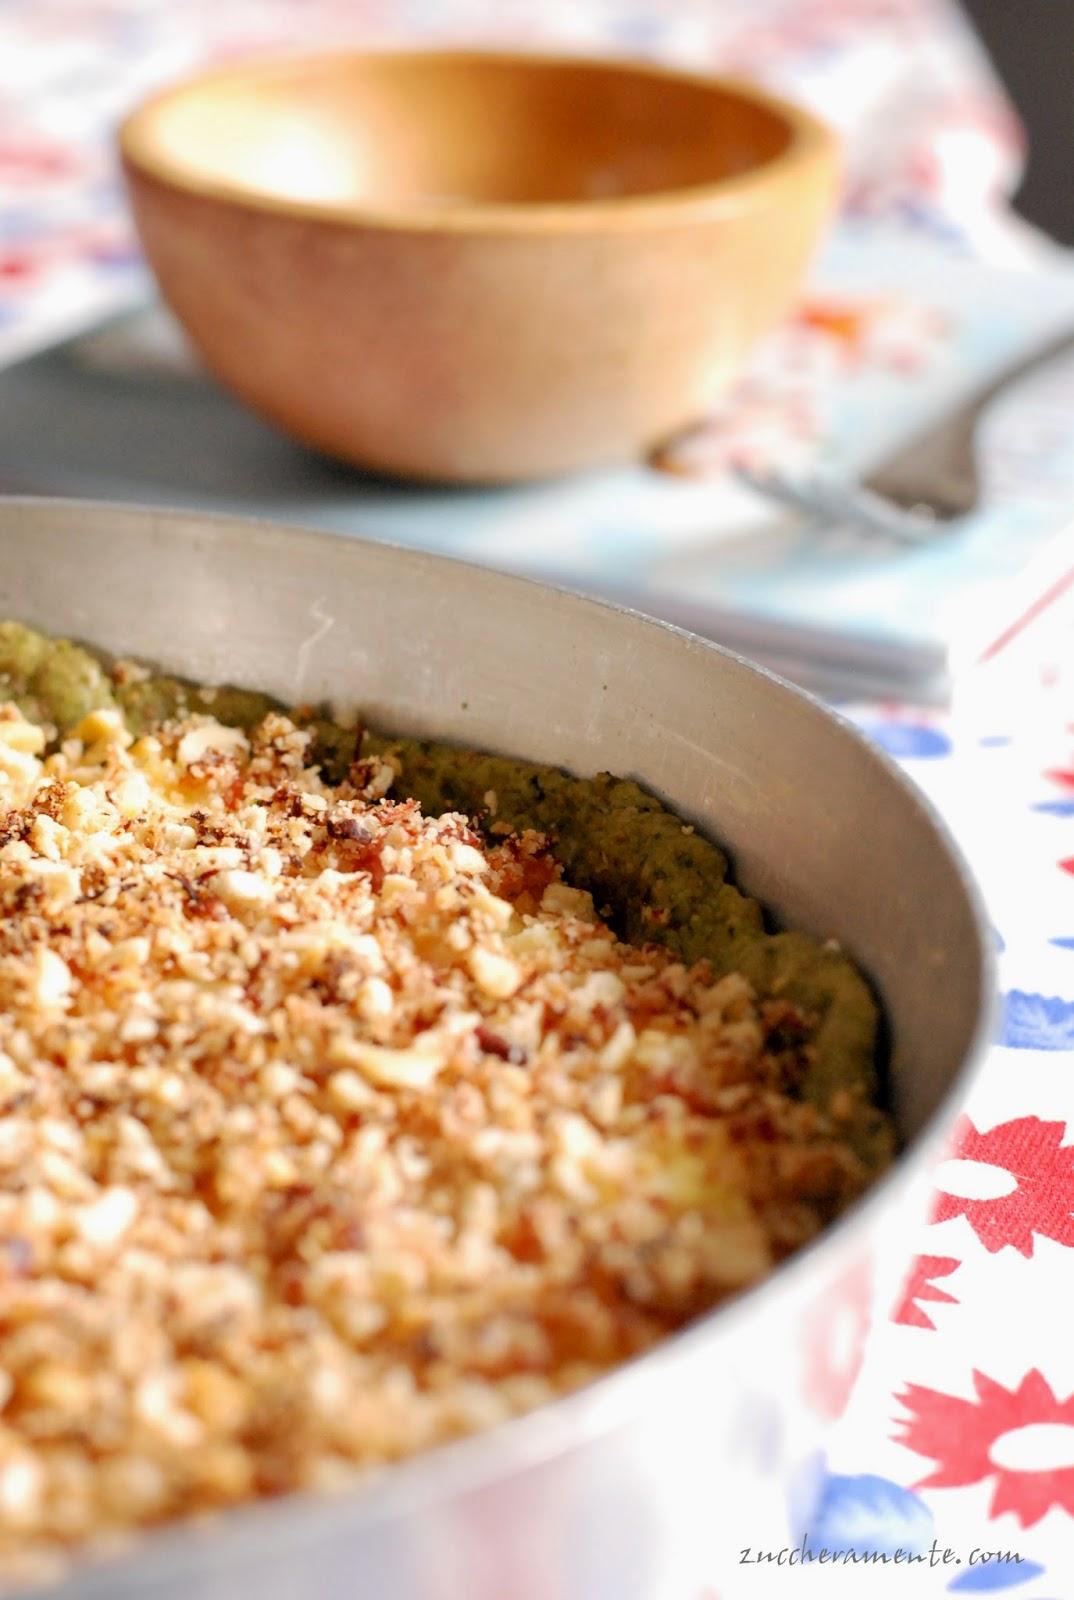 torta salata con crumble al sapore di pancetta